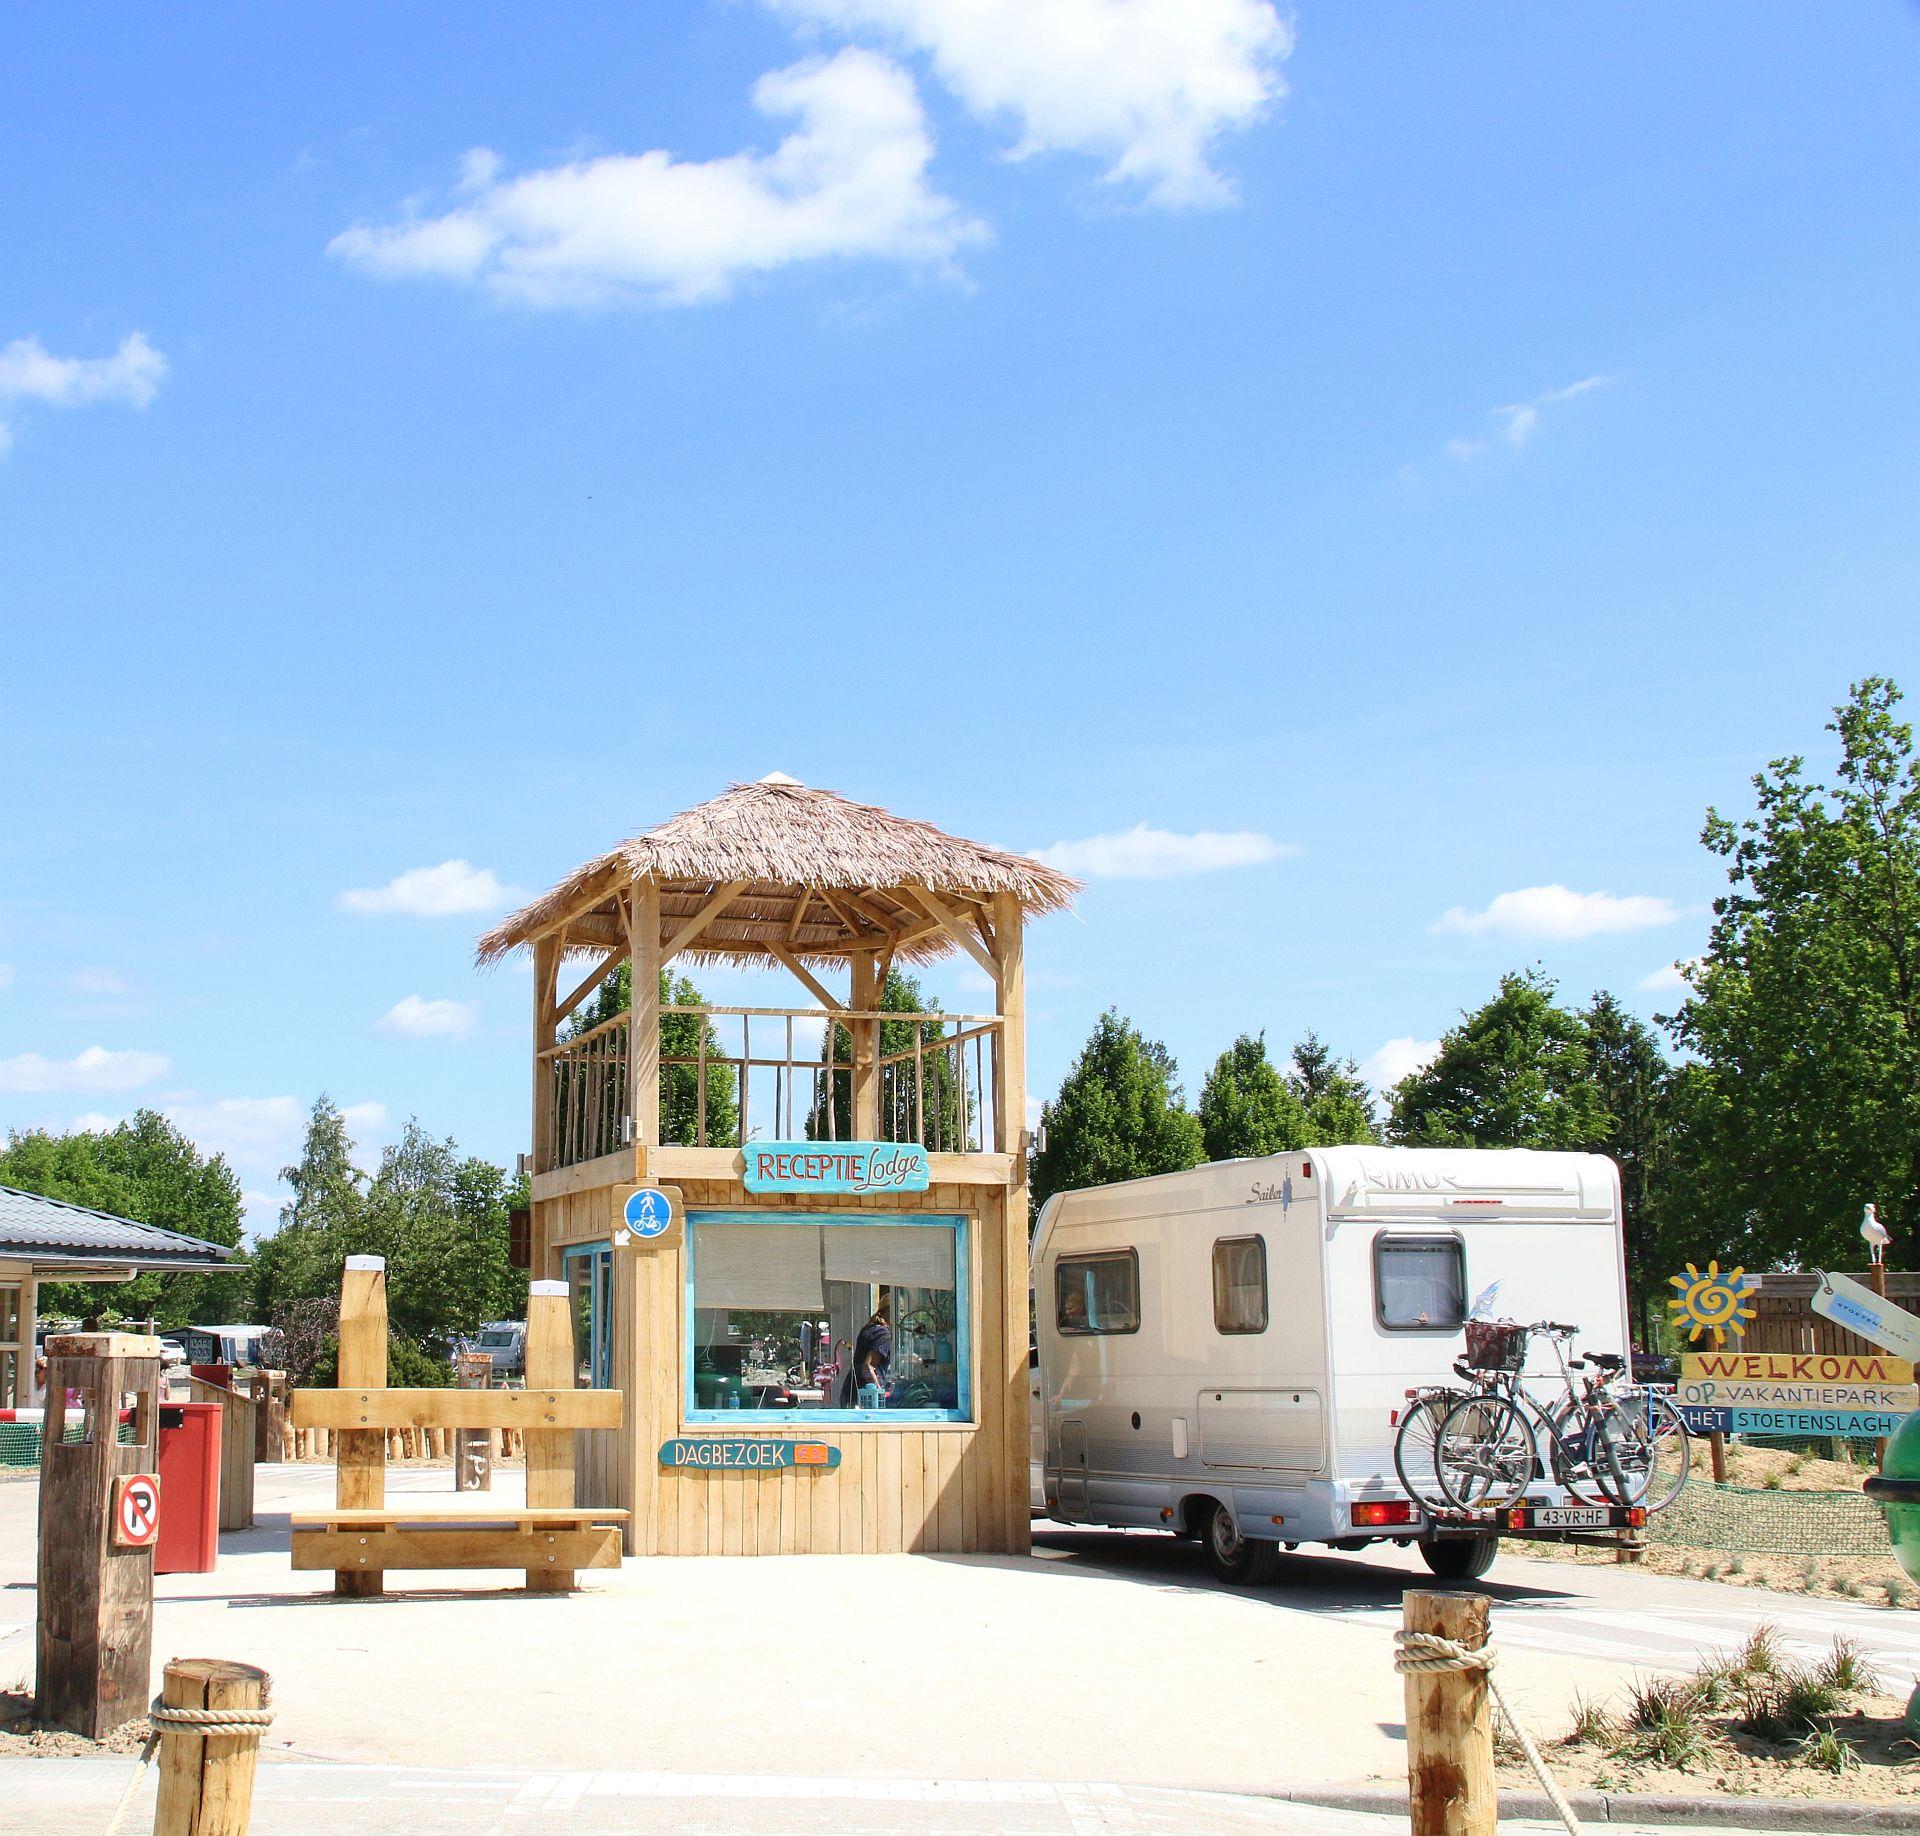 Camping met privé sanitair, een luxe kampeervakantie! - Camping met eigen sanitair